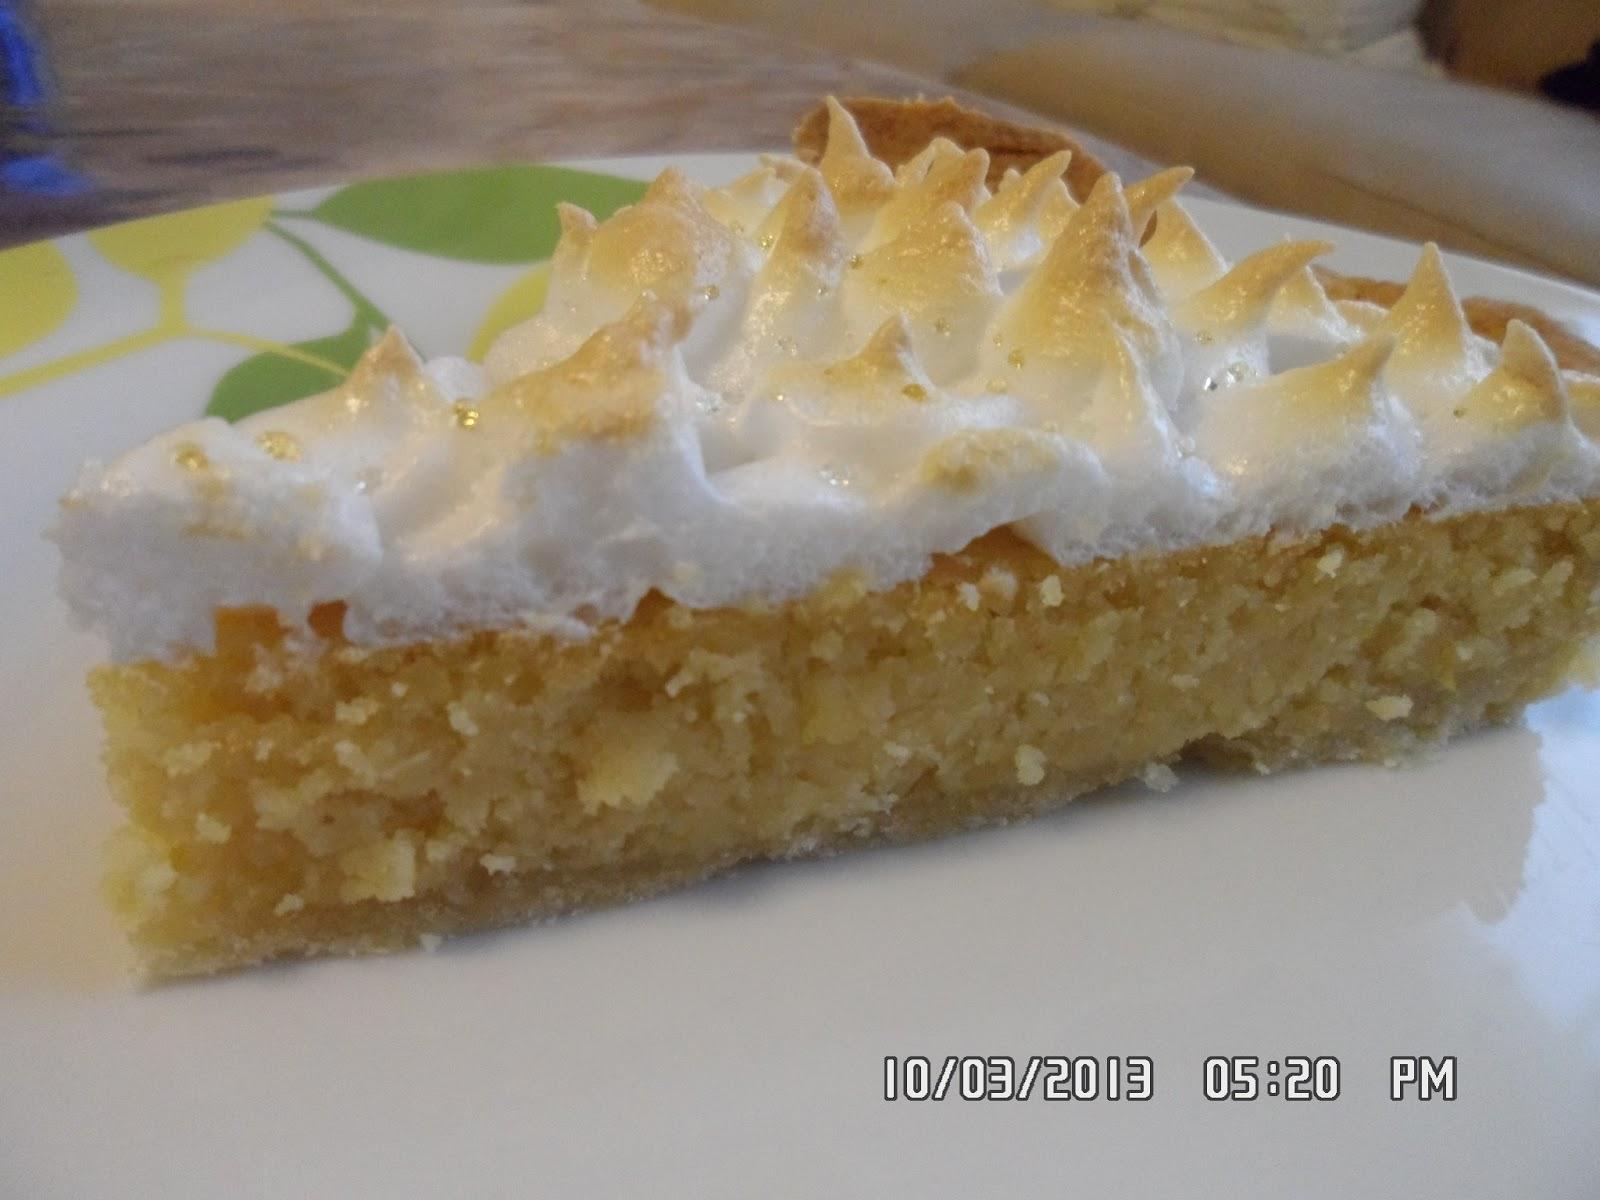 Aux pays des gourmandises de nat tarte aux citrons m ringu e recette facile - Tarte aux citrons meringuee facile ...